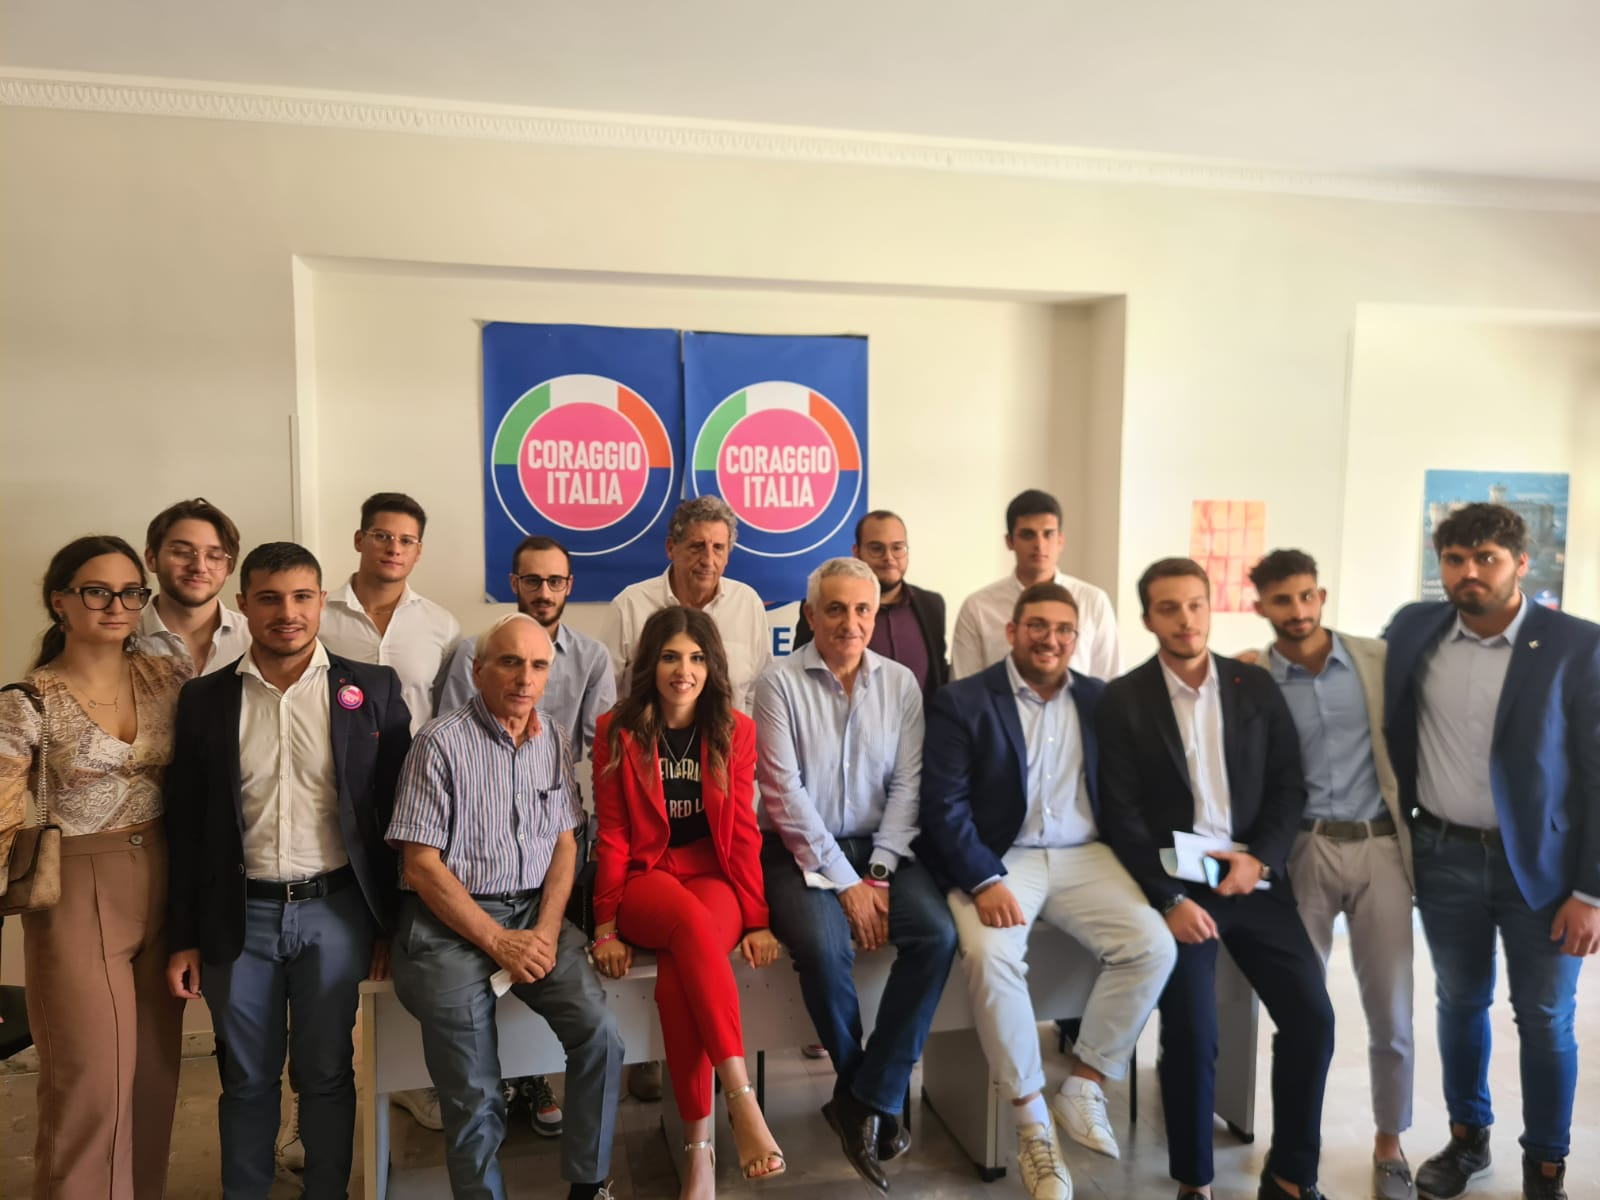 REGIONALI IN CALABRIA, QUAGLIARIELLO INCONTRA GIOVANI DI 'CORAGGIO ITALIA'